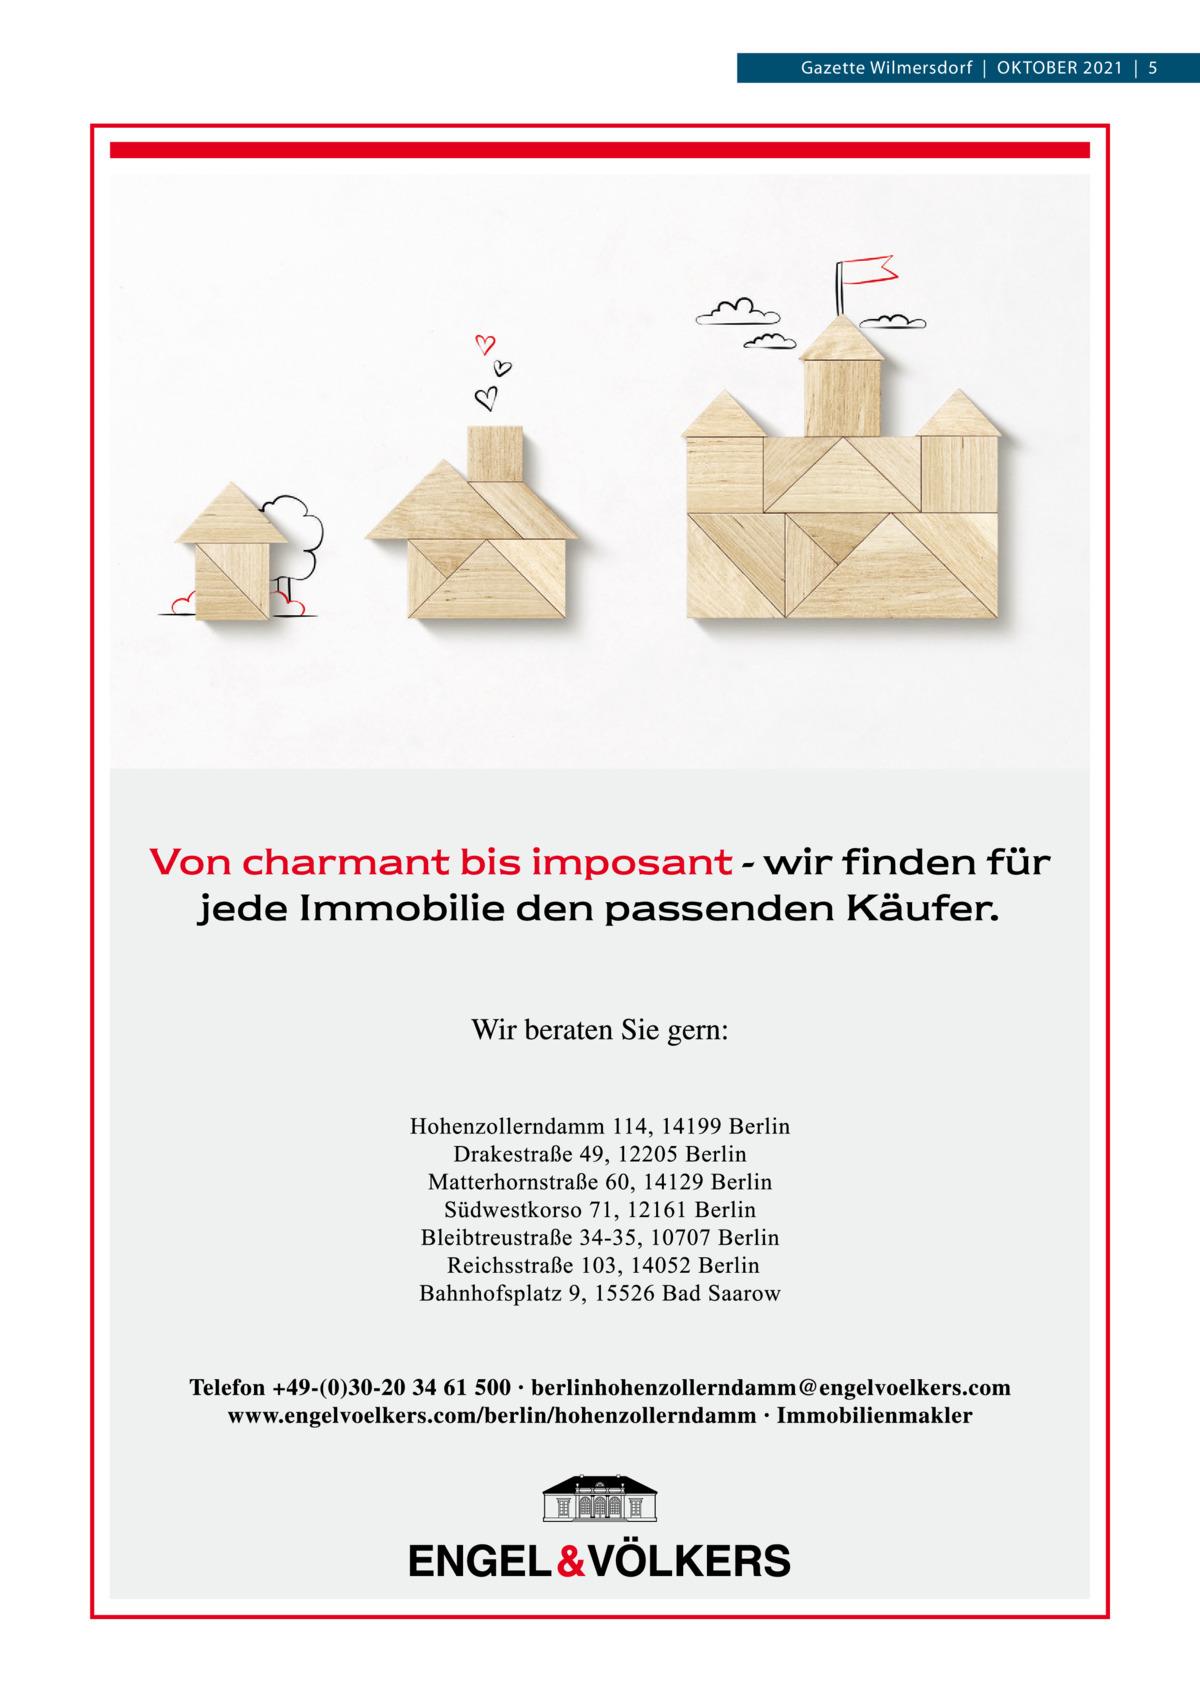 Gazette Wilmersdorf OktOber 2021 5